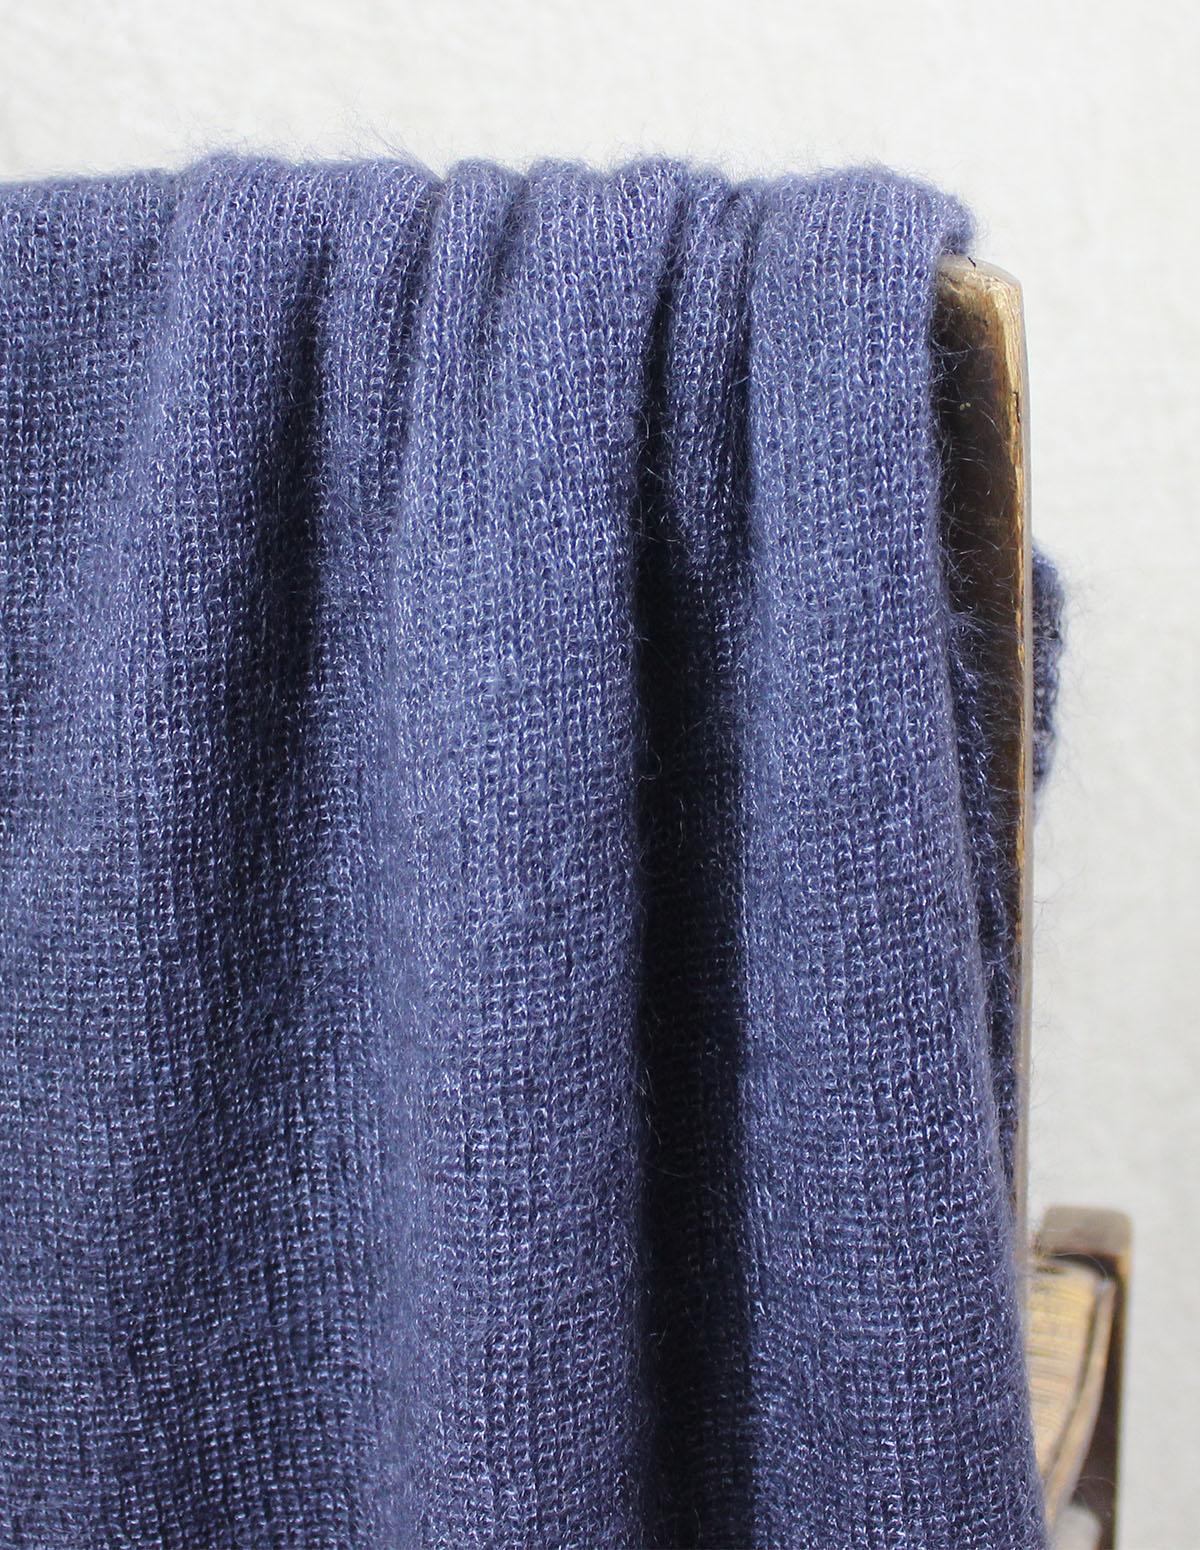 echarpes-tricotees-cote-mohair-soie-grise-ardoise-une-ferme-a-la-bassette